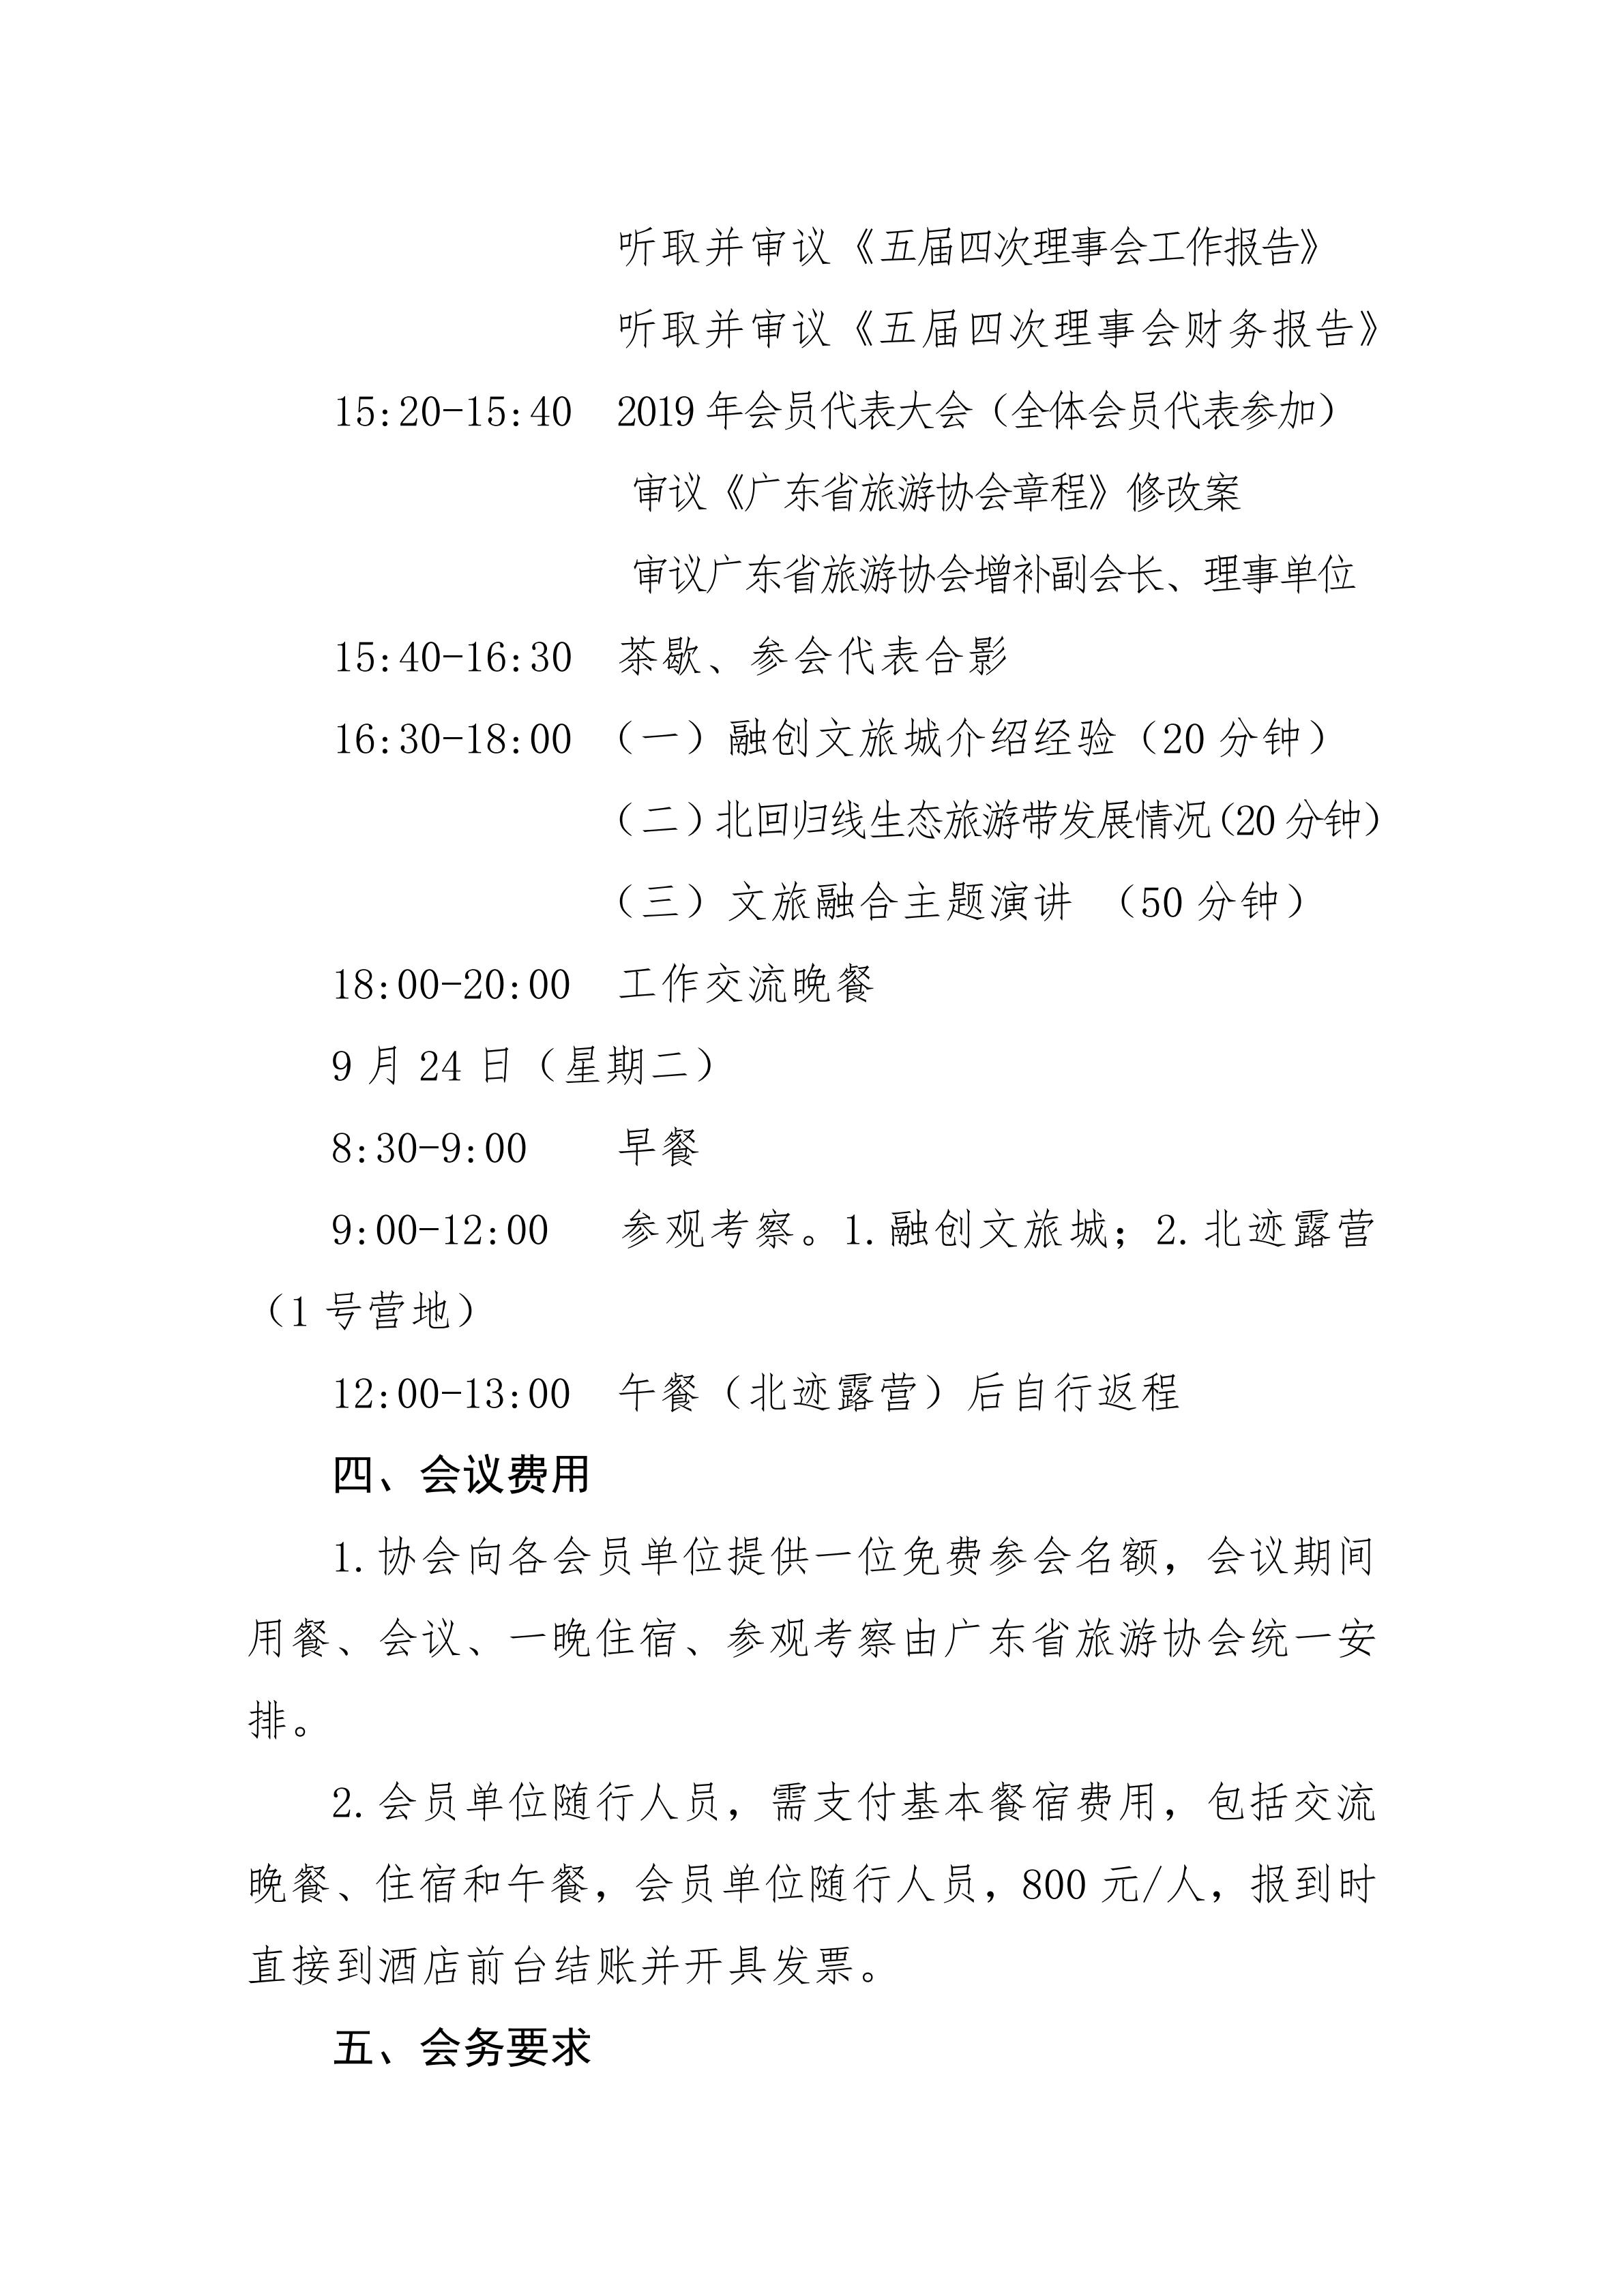 粵旅協函〔2019〕38號關于召開廣東省旅游協會會員大會及五屆四次理事會的通知_01